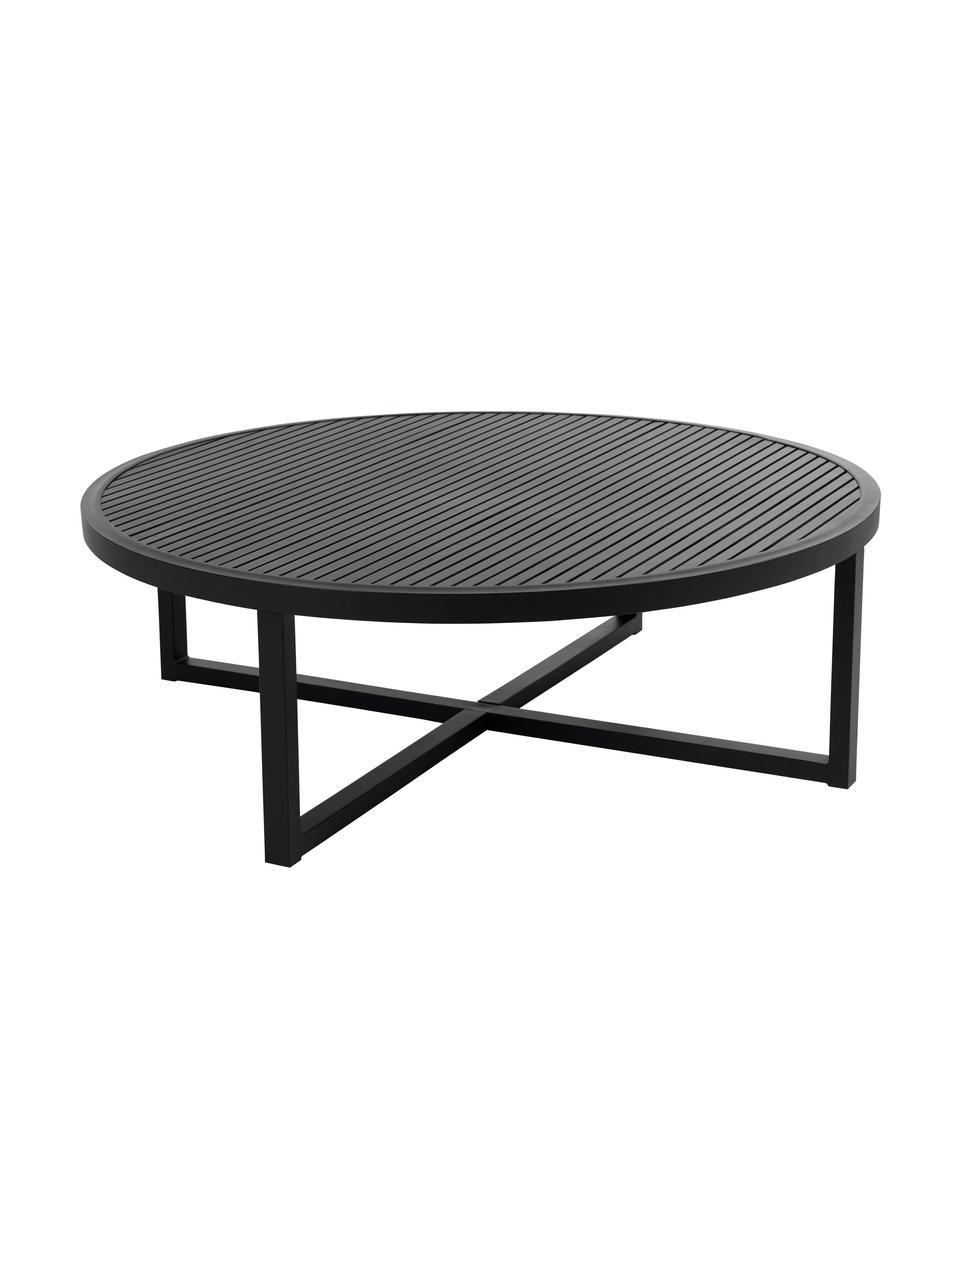 Table de jardin ronde Vevi, Noir